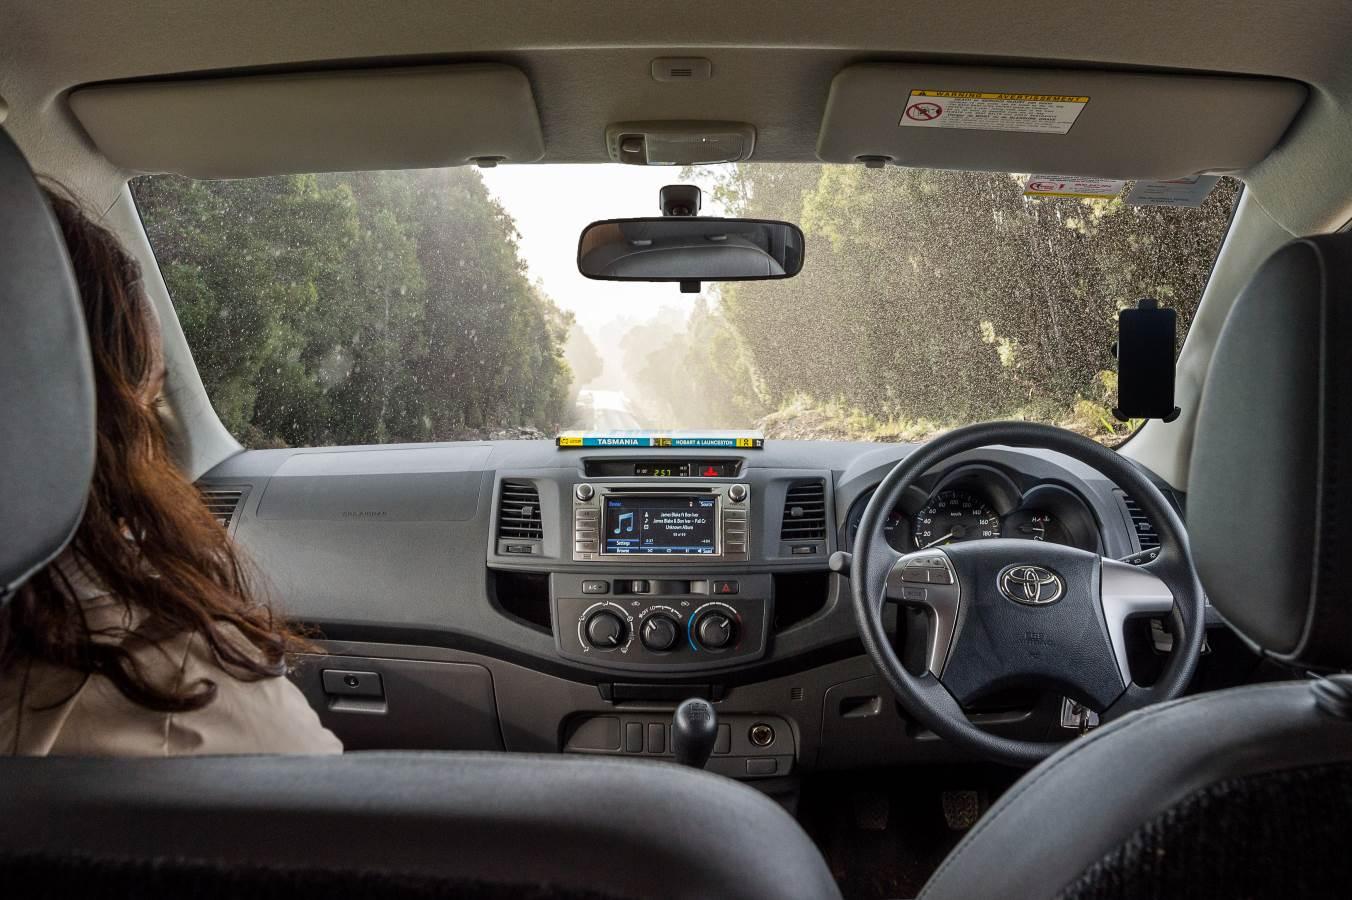 Cruisin Adventure Steering Wheel - RV Rental Canberra - Campervan Rental Shop